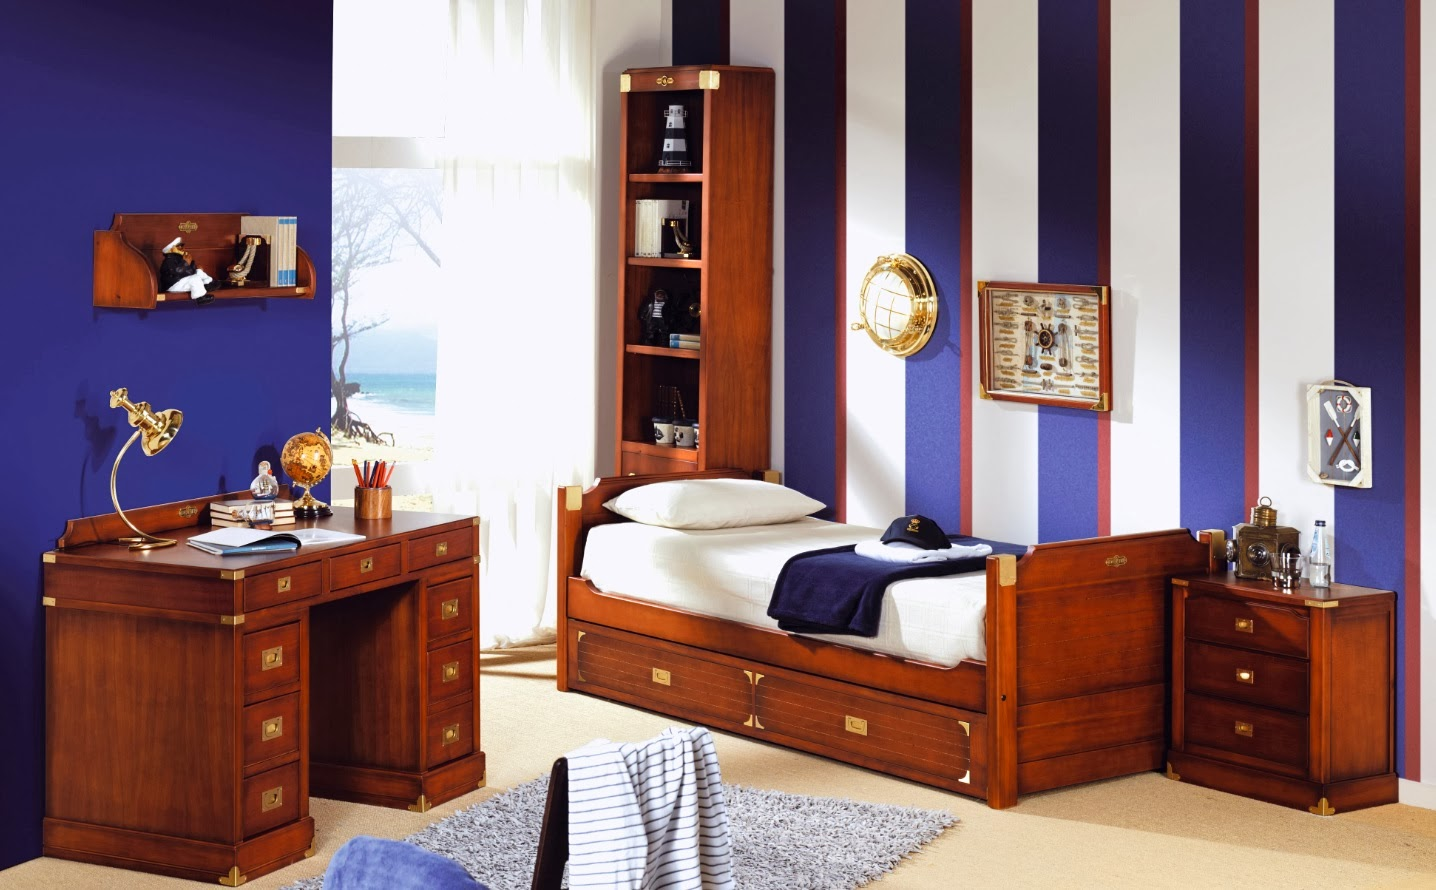 Blog de mbar muebles dormitorios estilo barco for Decoracion dormitorios clasicos